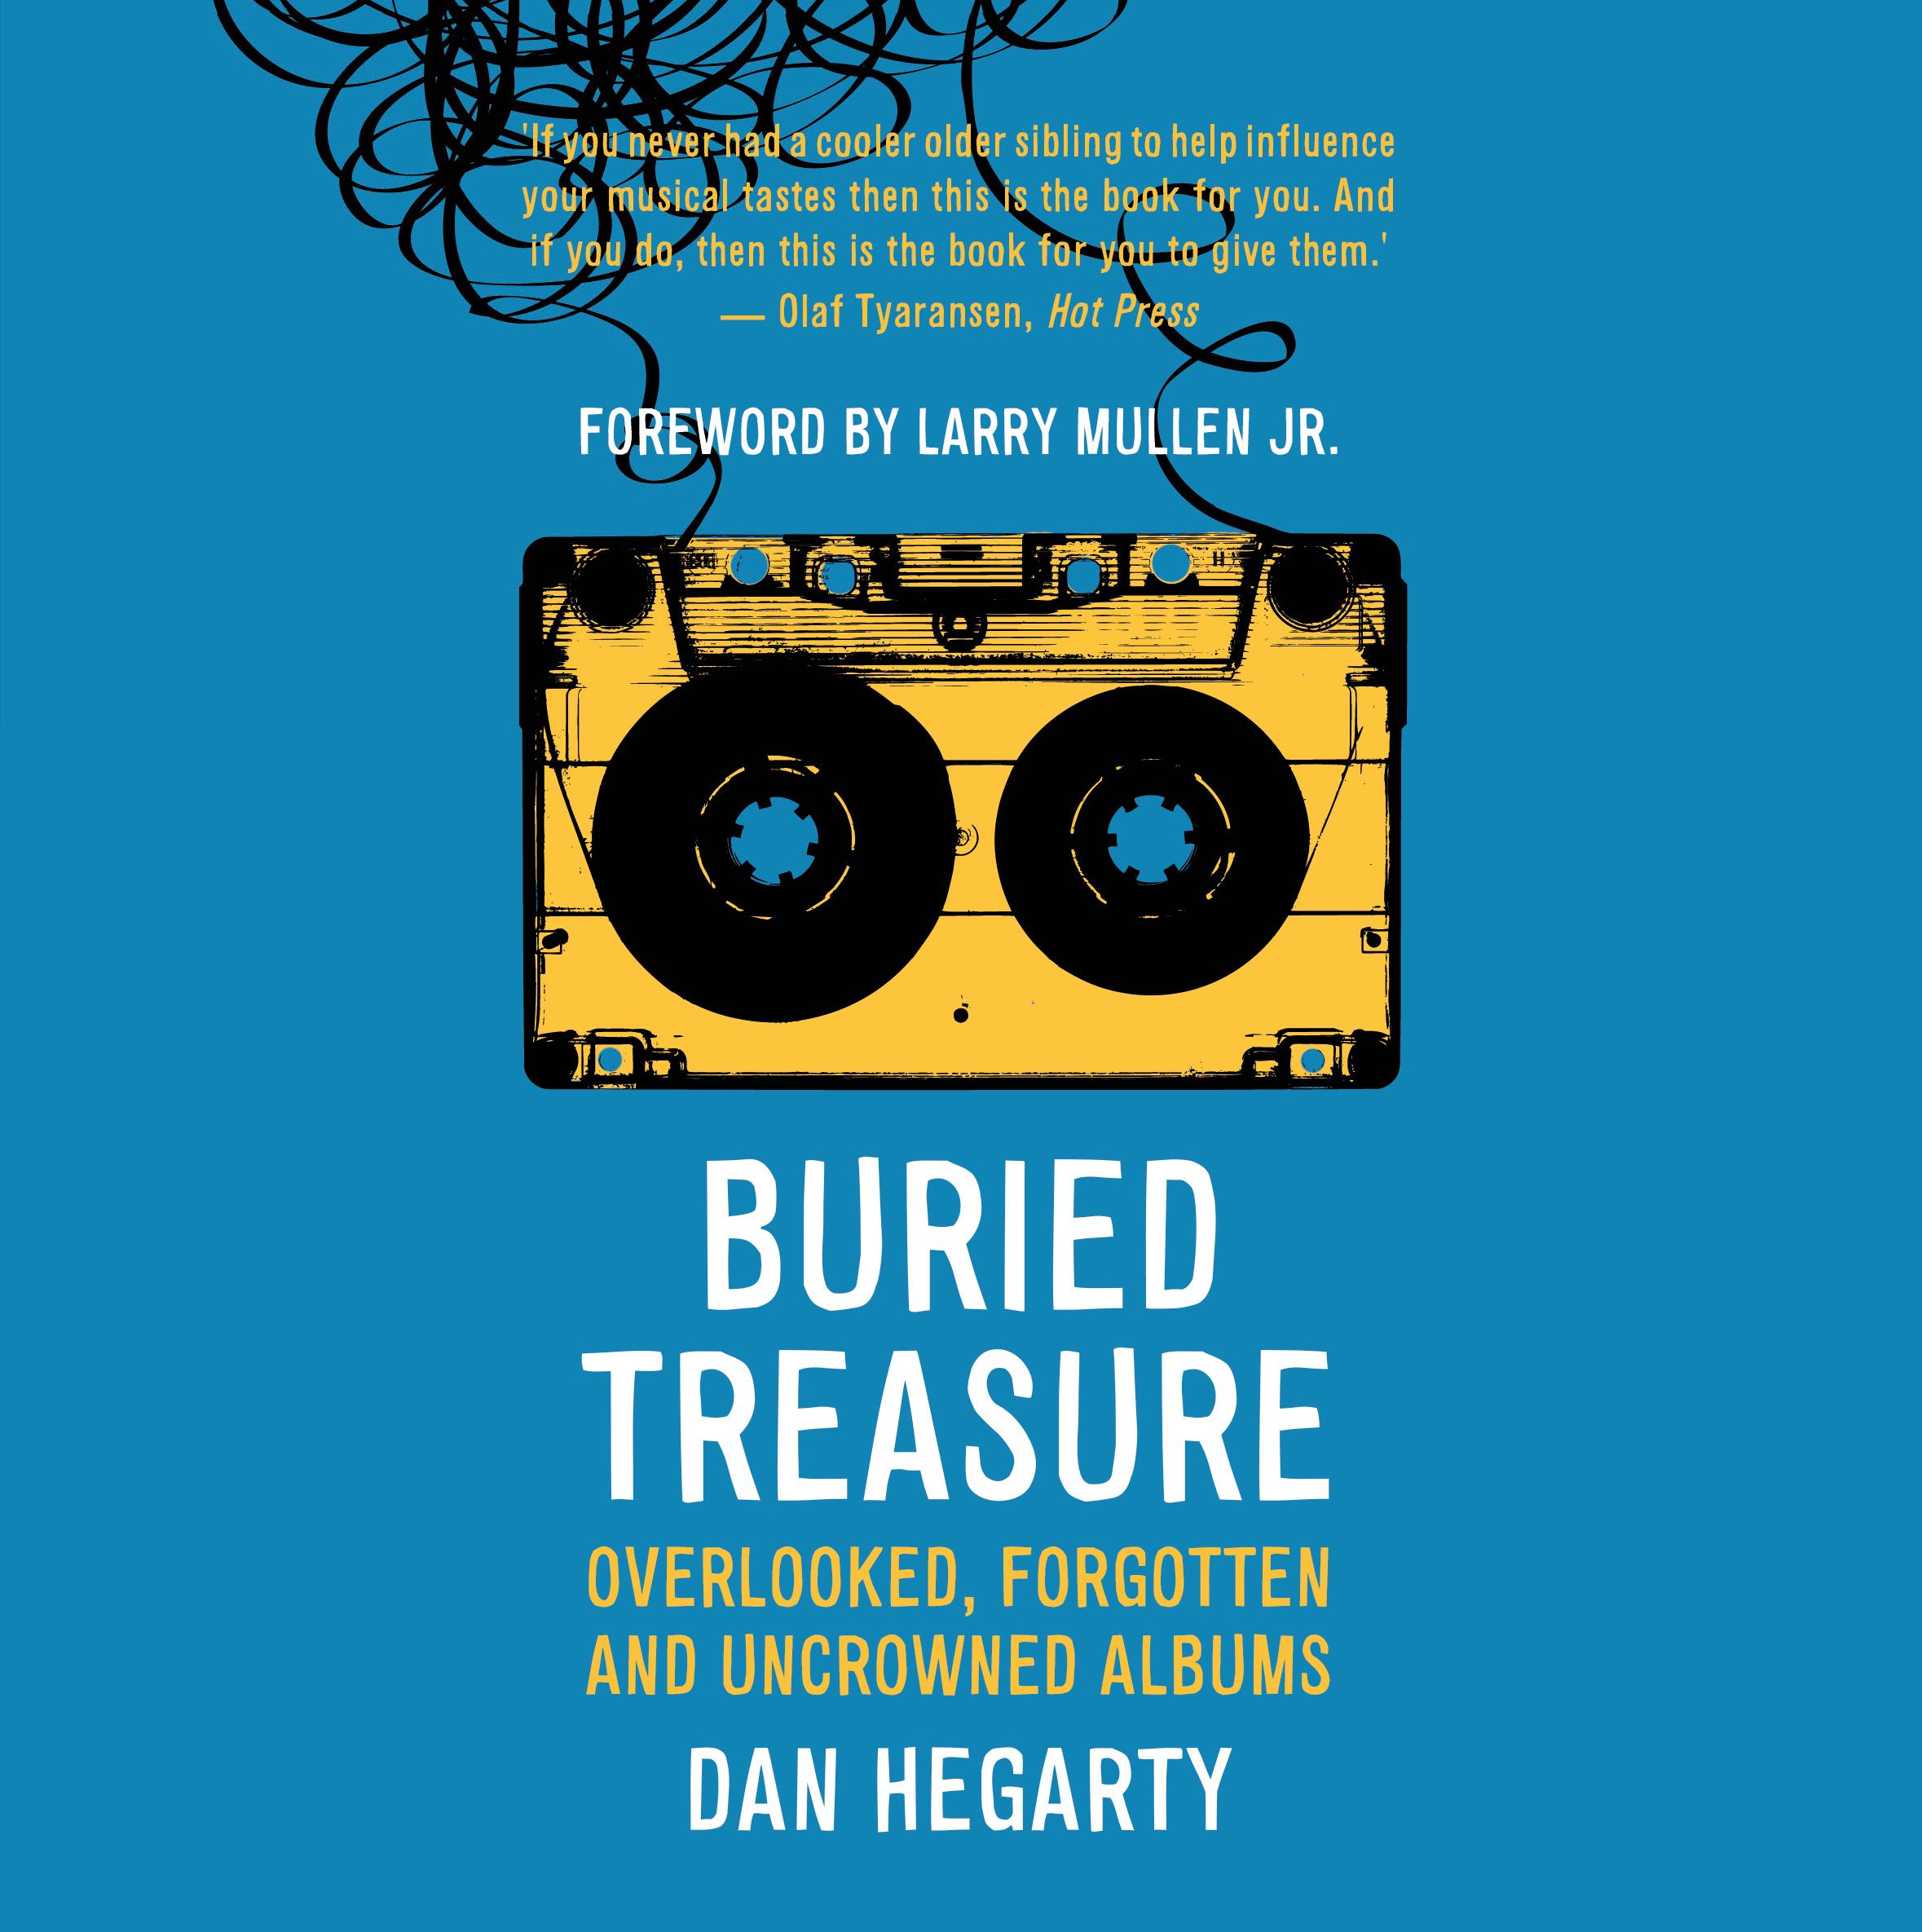 Dan-Hegarty-Buried-Treasure